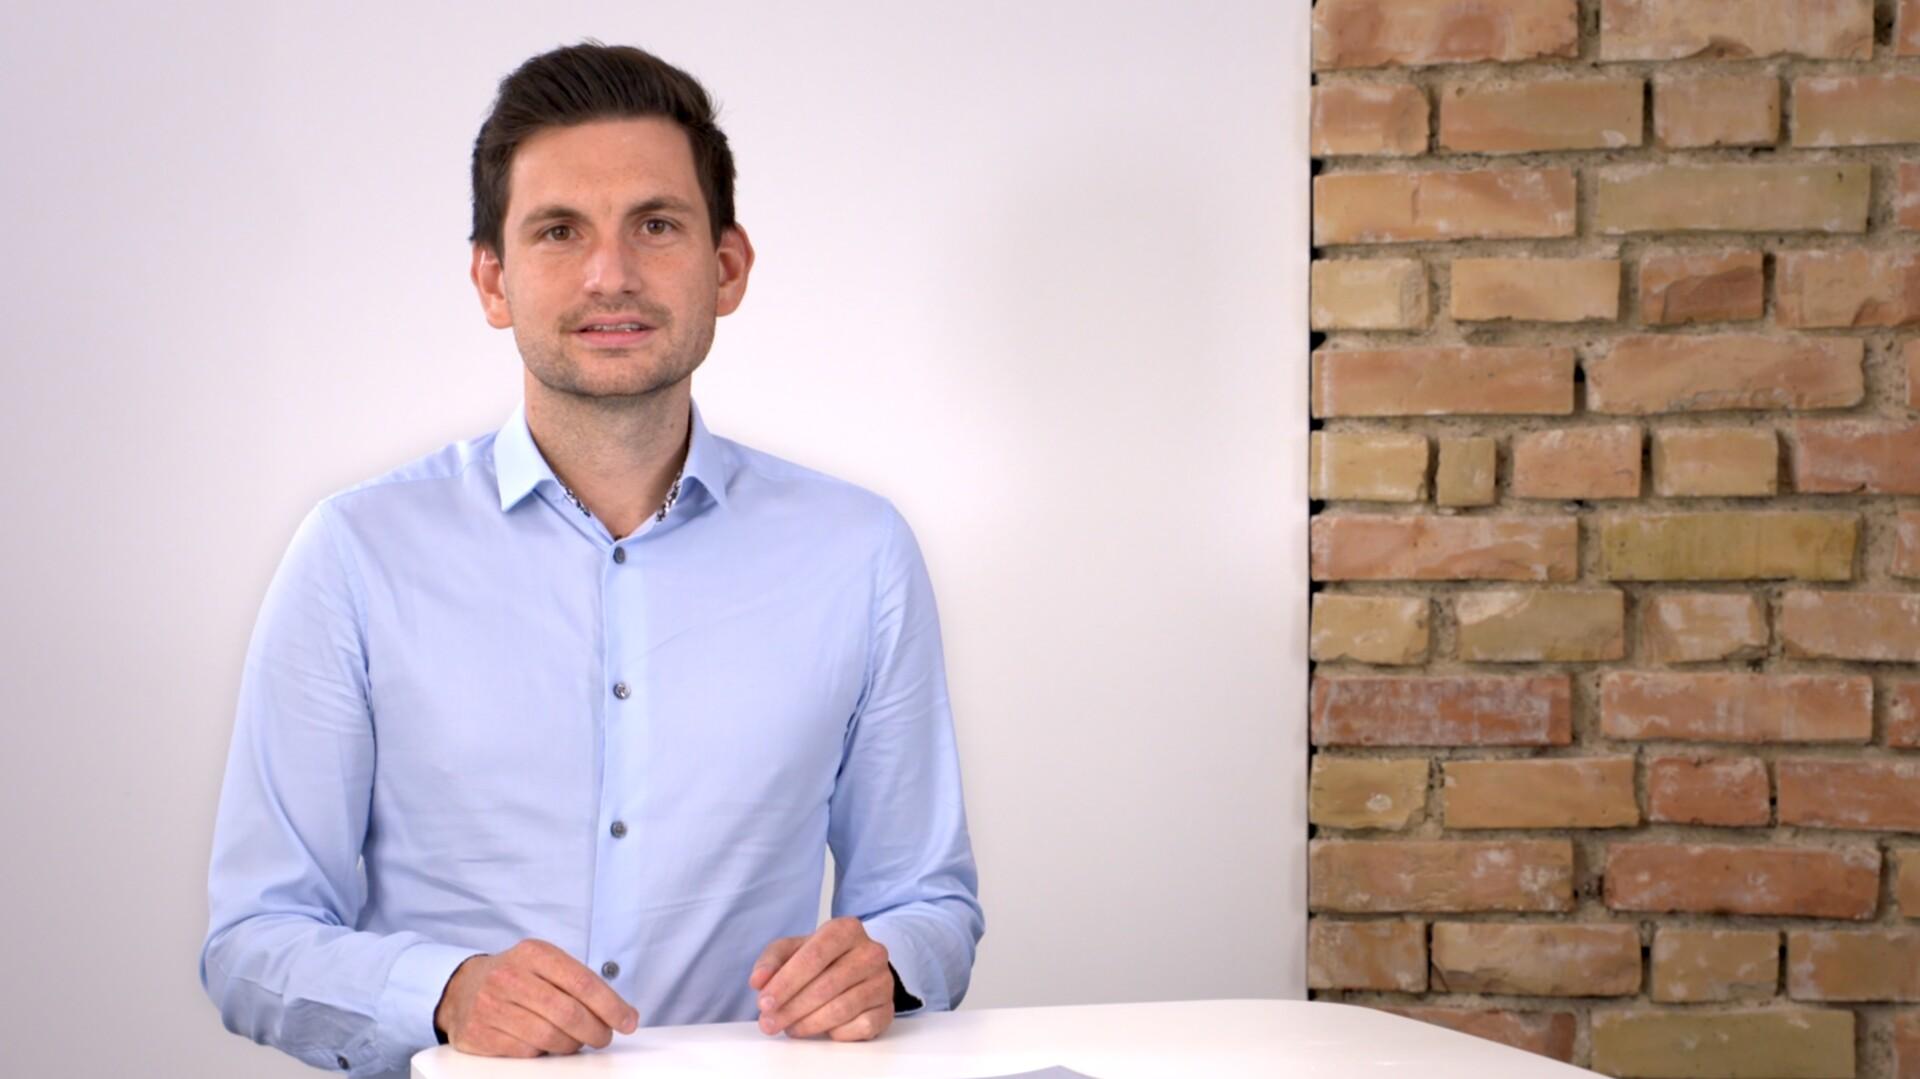 Projektingenieur Johannes Metzger stellt die Trassierungsräume im Detail vor